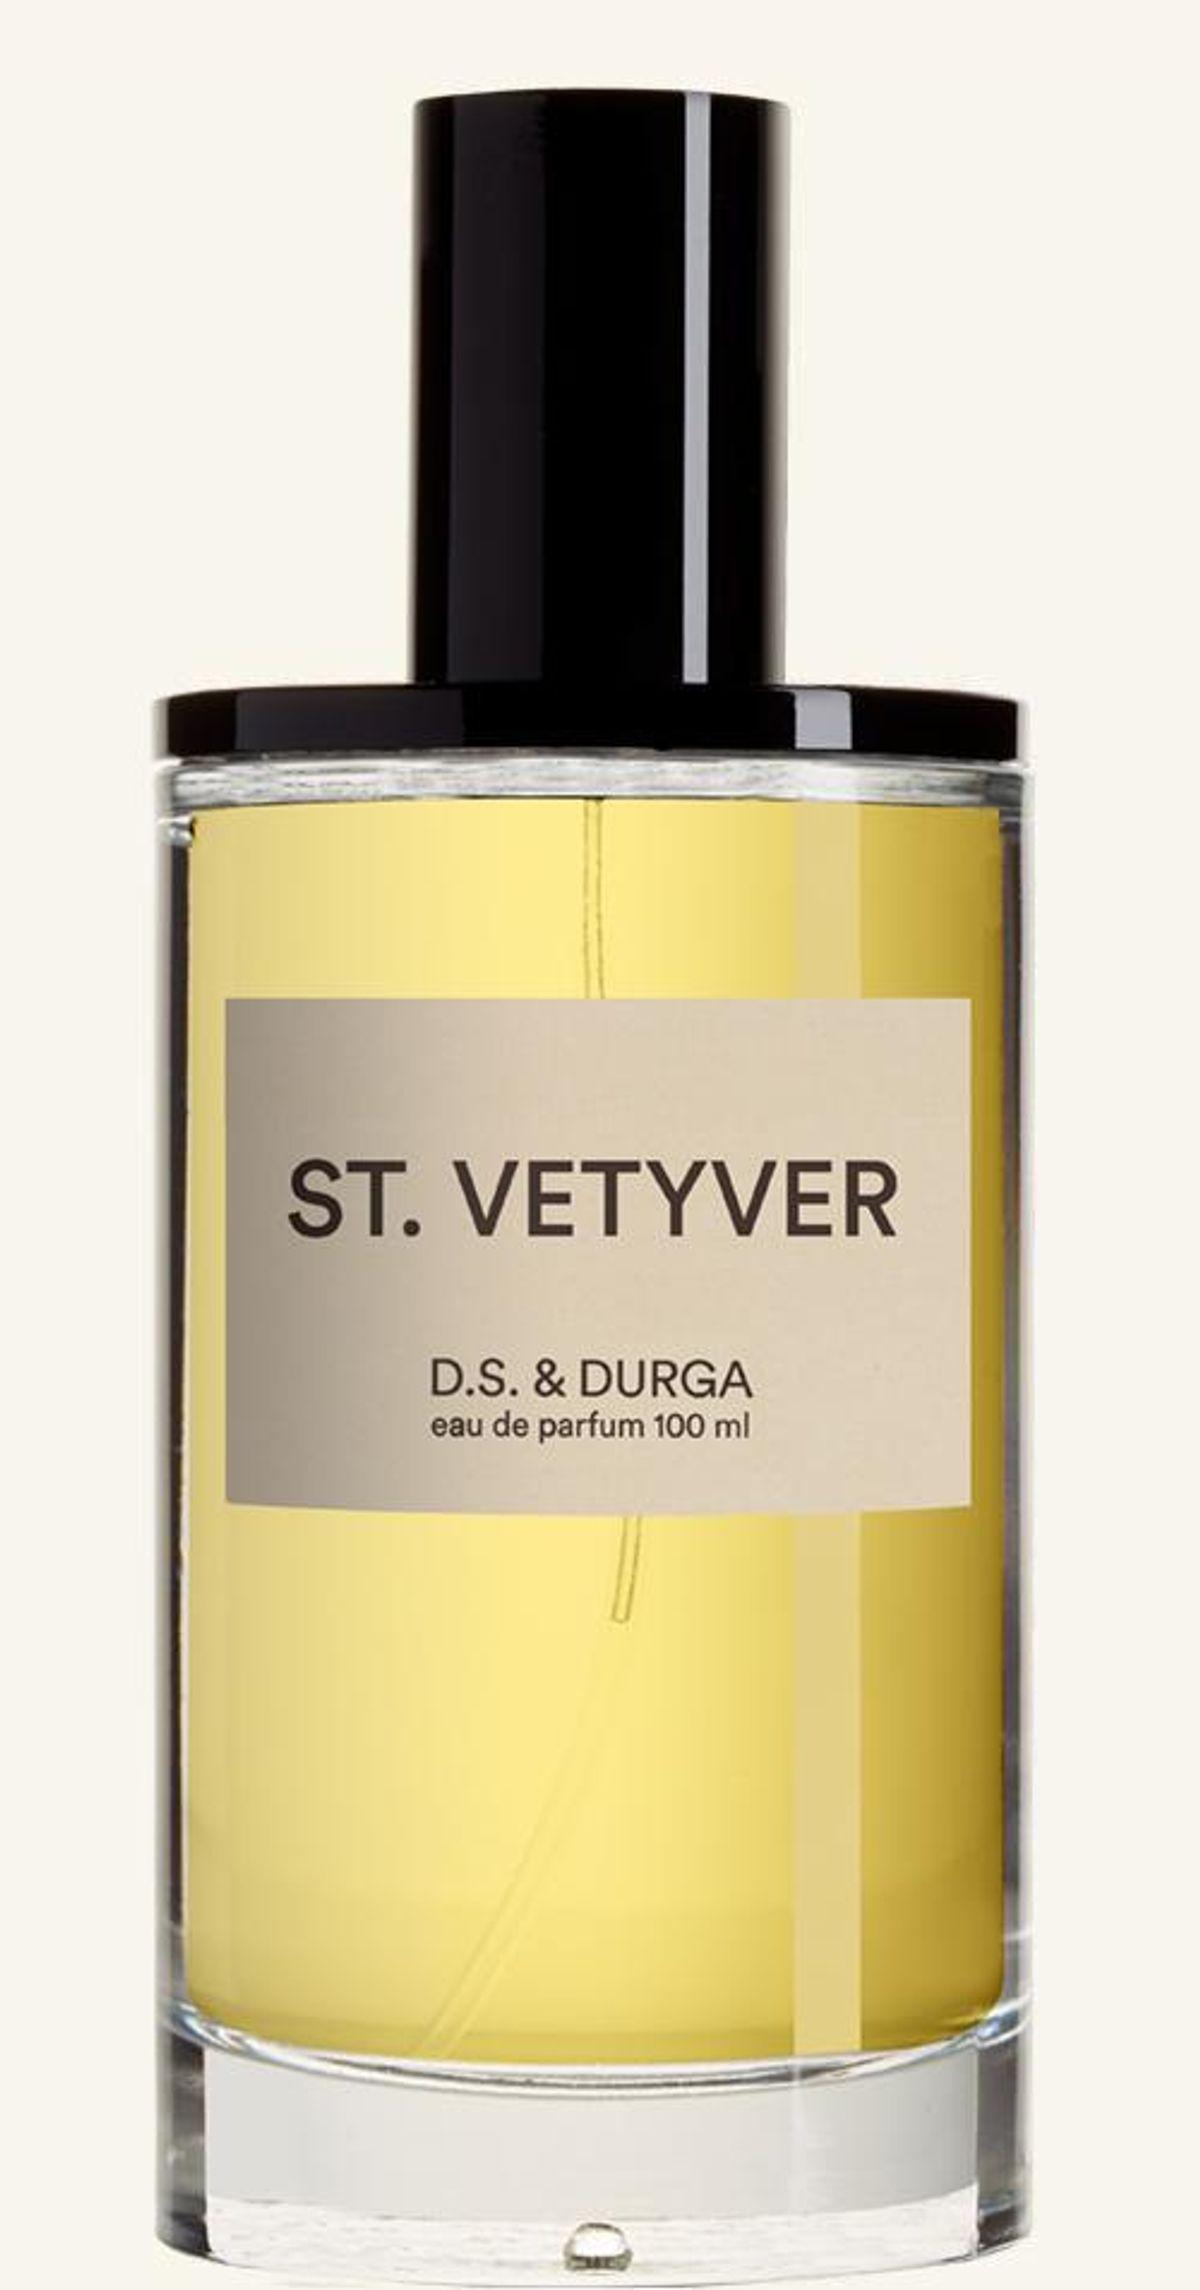 St Vetyver Eau de Parfum